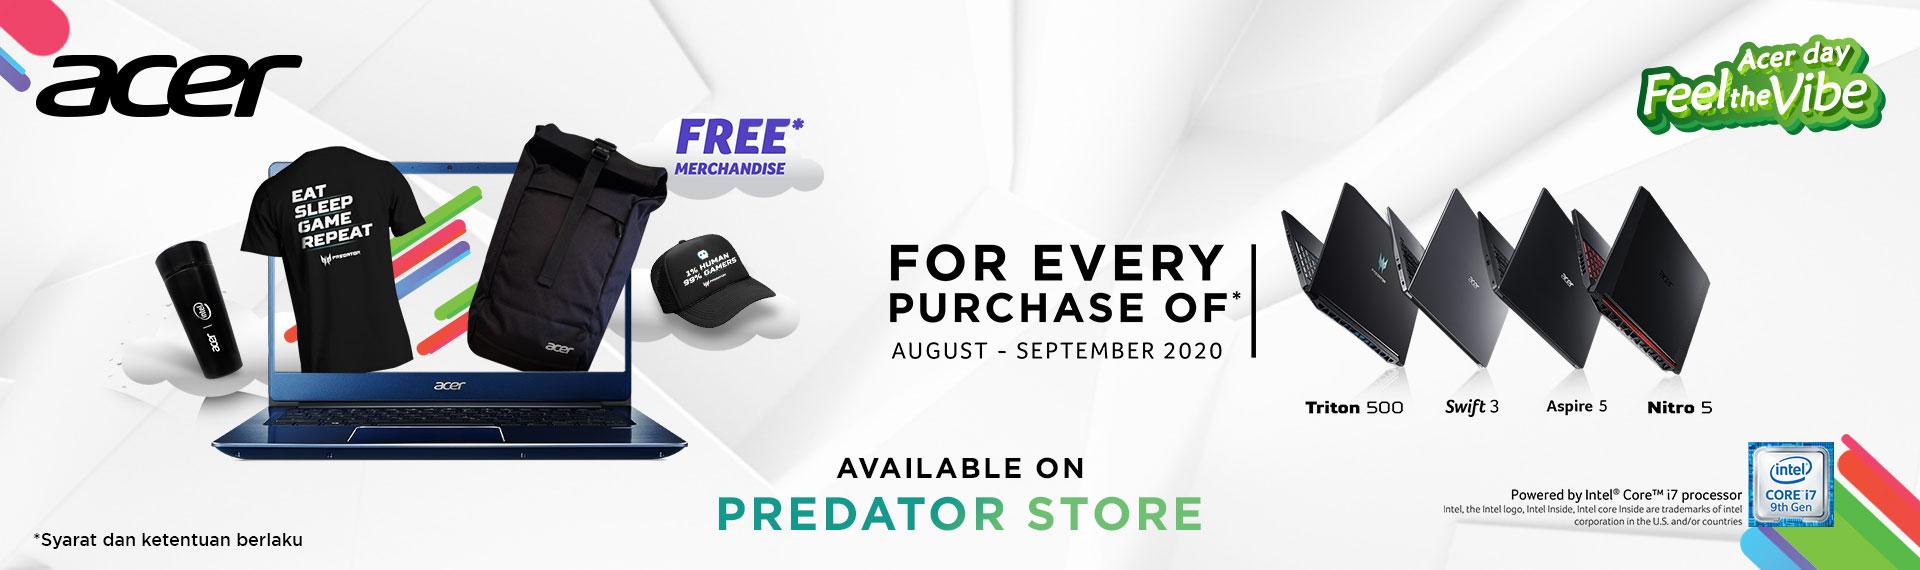 Promo Acer Exclusive Store dan Predator Store, Beli Laptopnya Dapat Extra Hadiah!